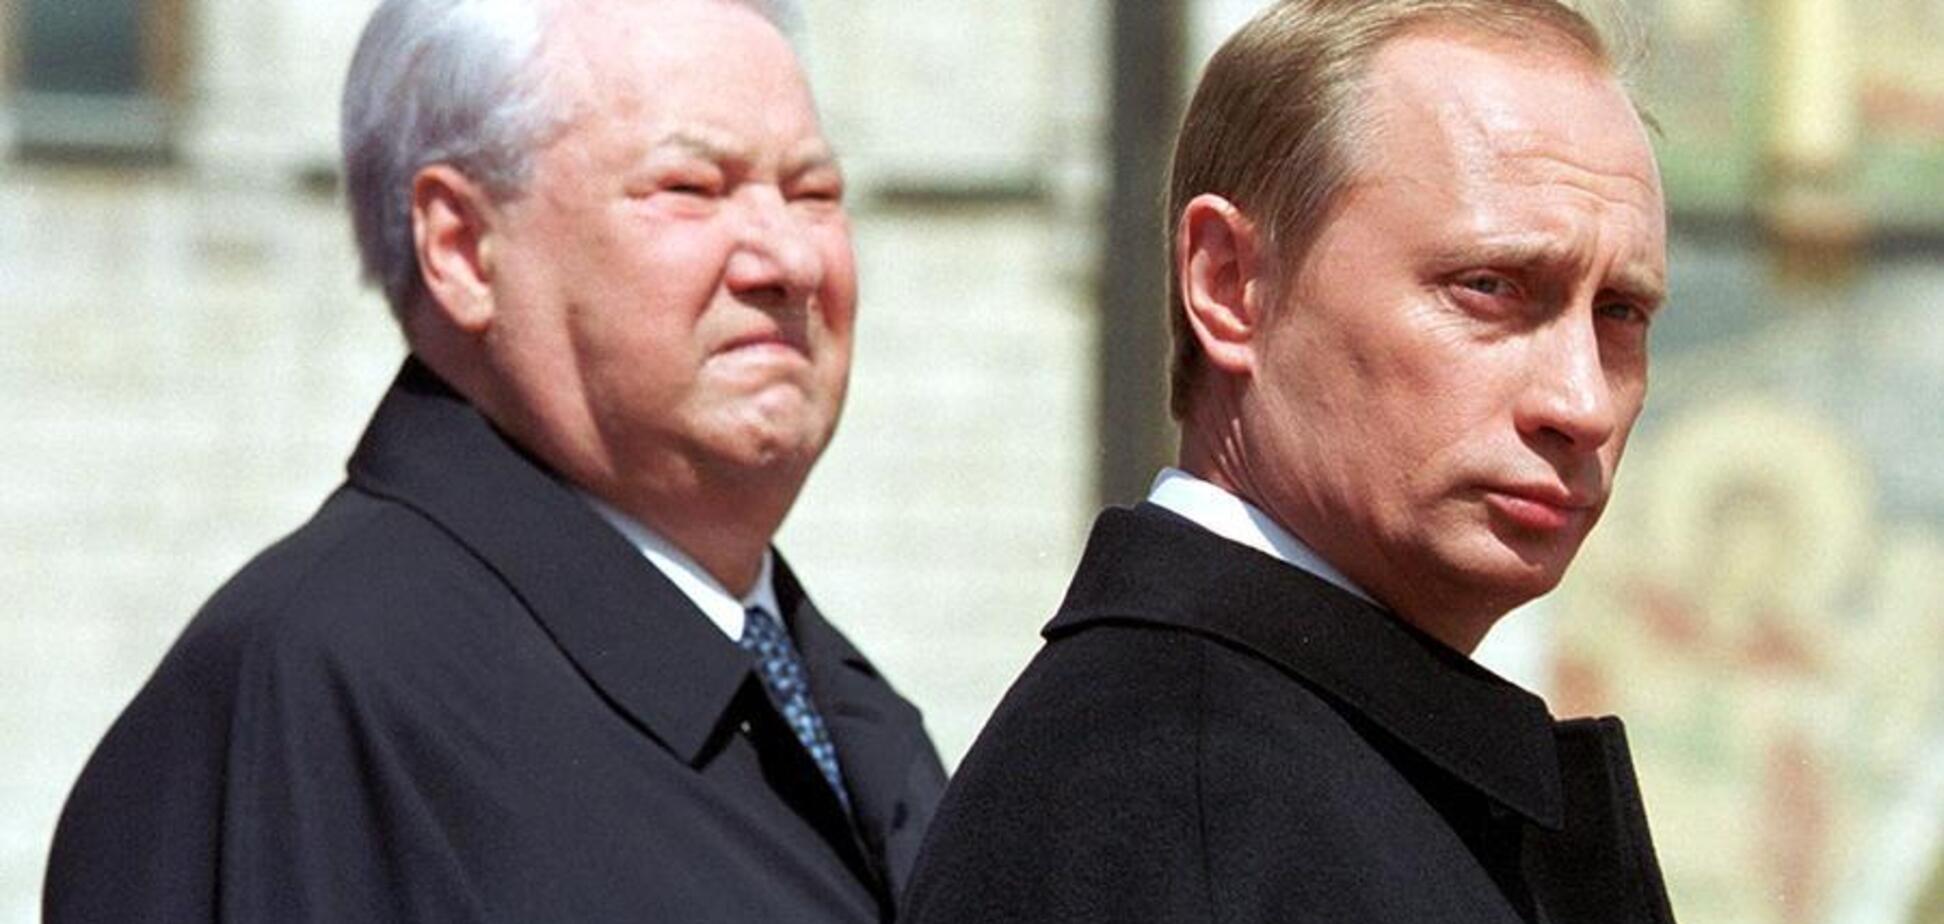 Путин: рана, которая еще долго будет кровоточить и гноиться